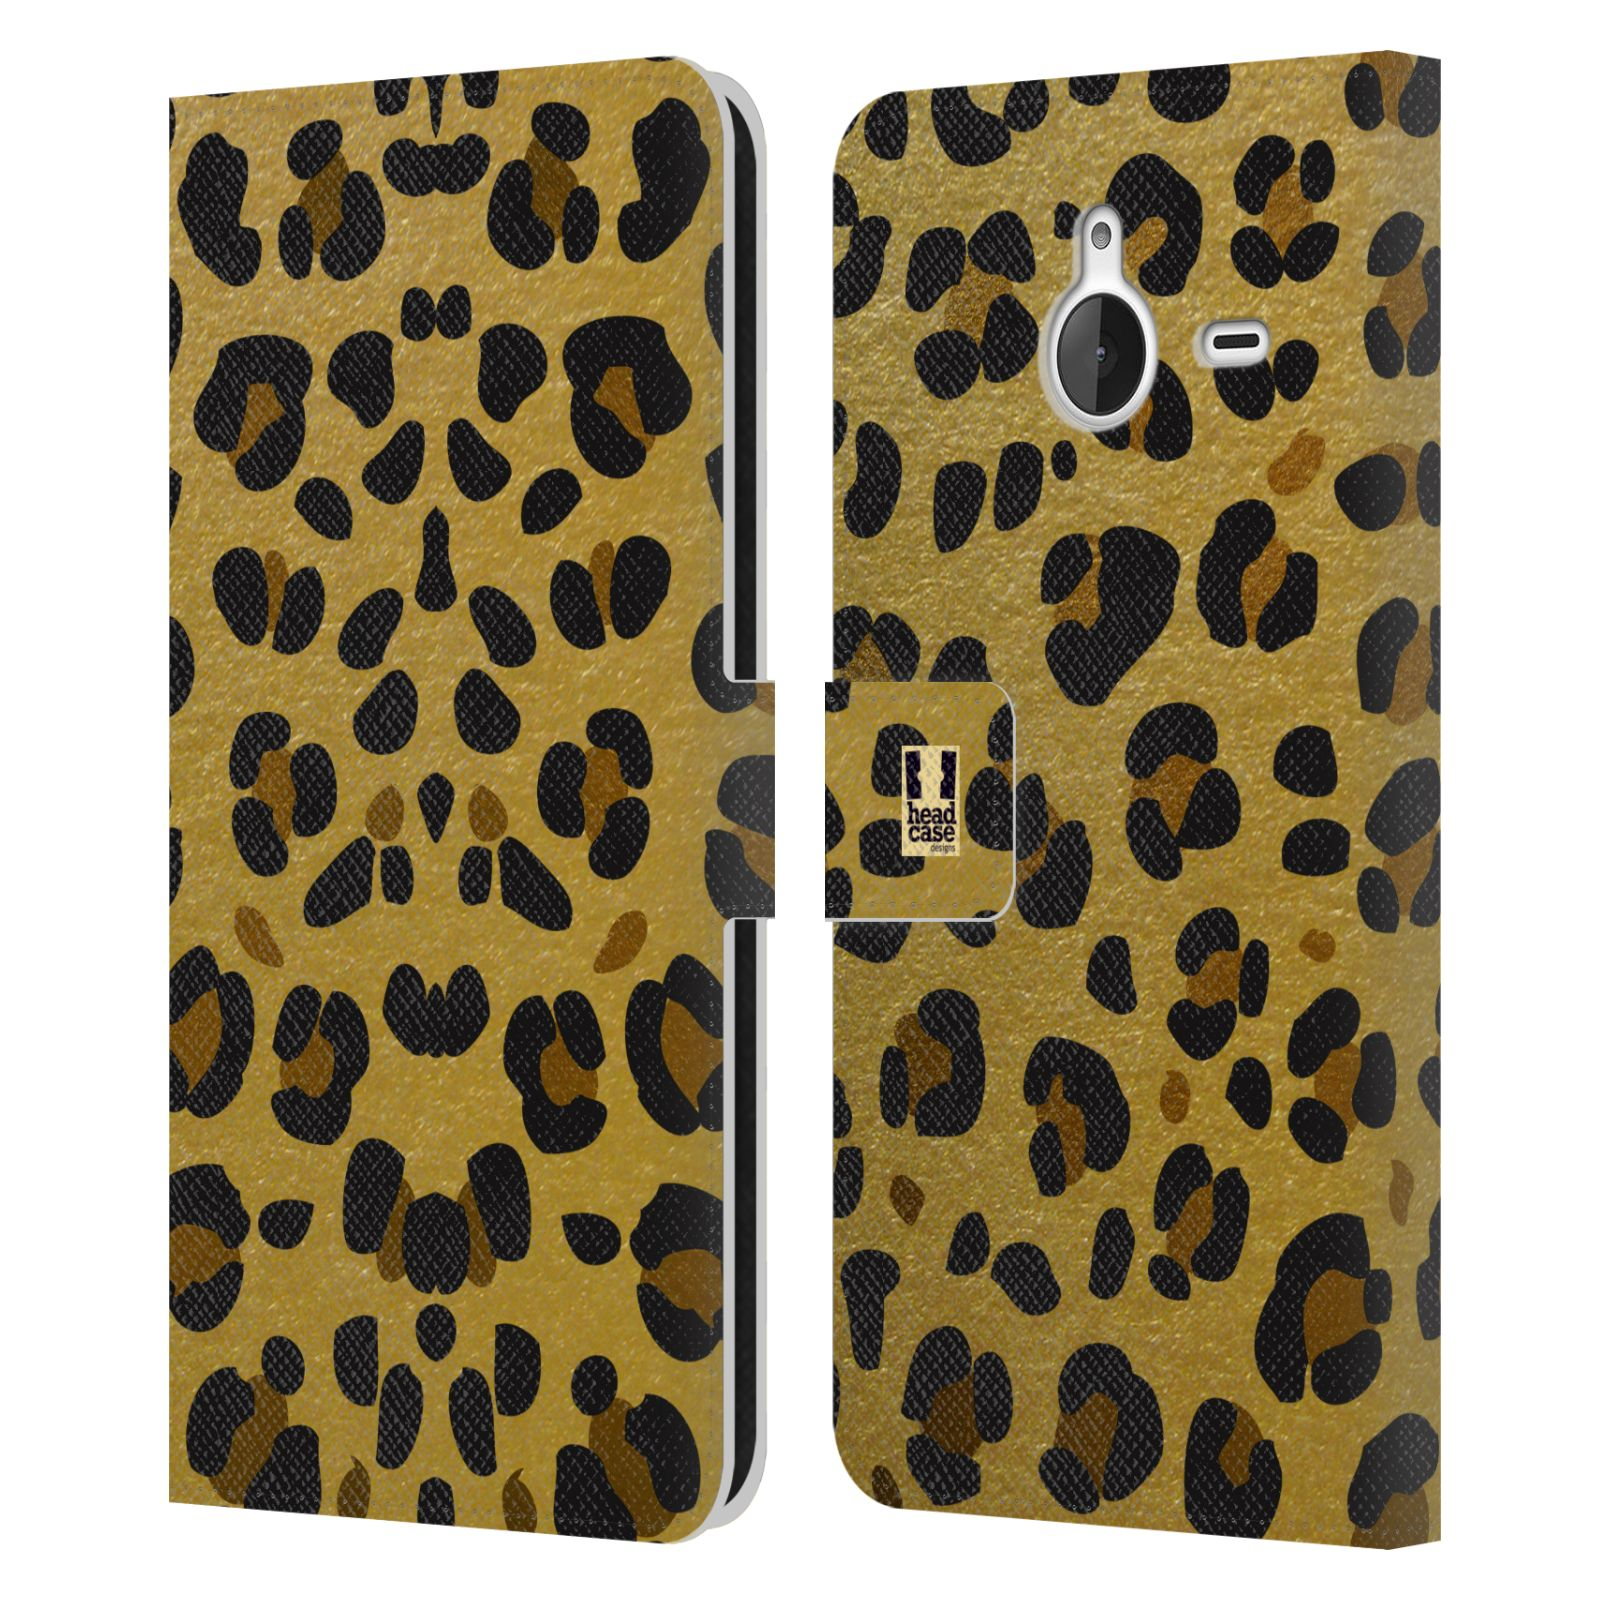 Pouzdro na mobil Nokia Lumia 640 XL - Head Case - Fashion zvířecí vzor